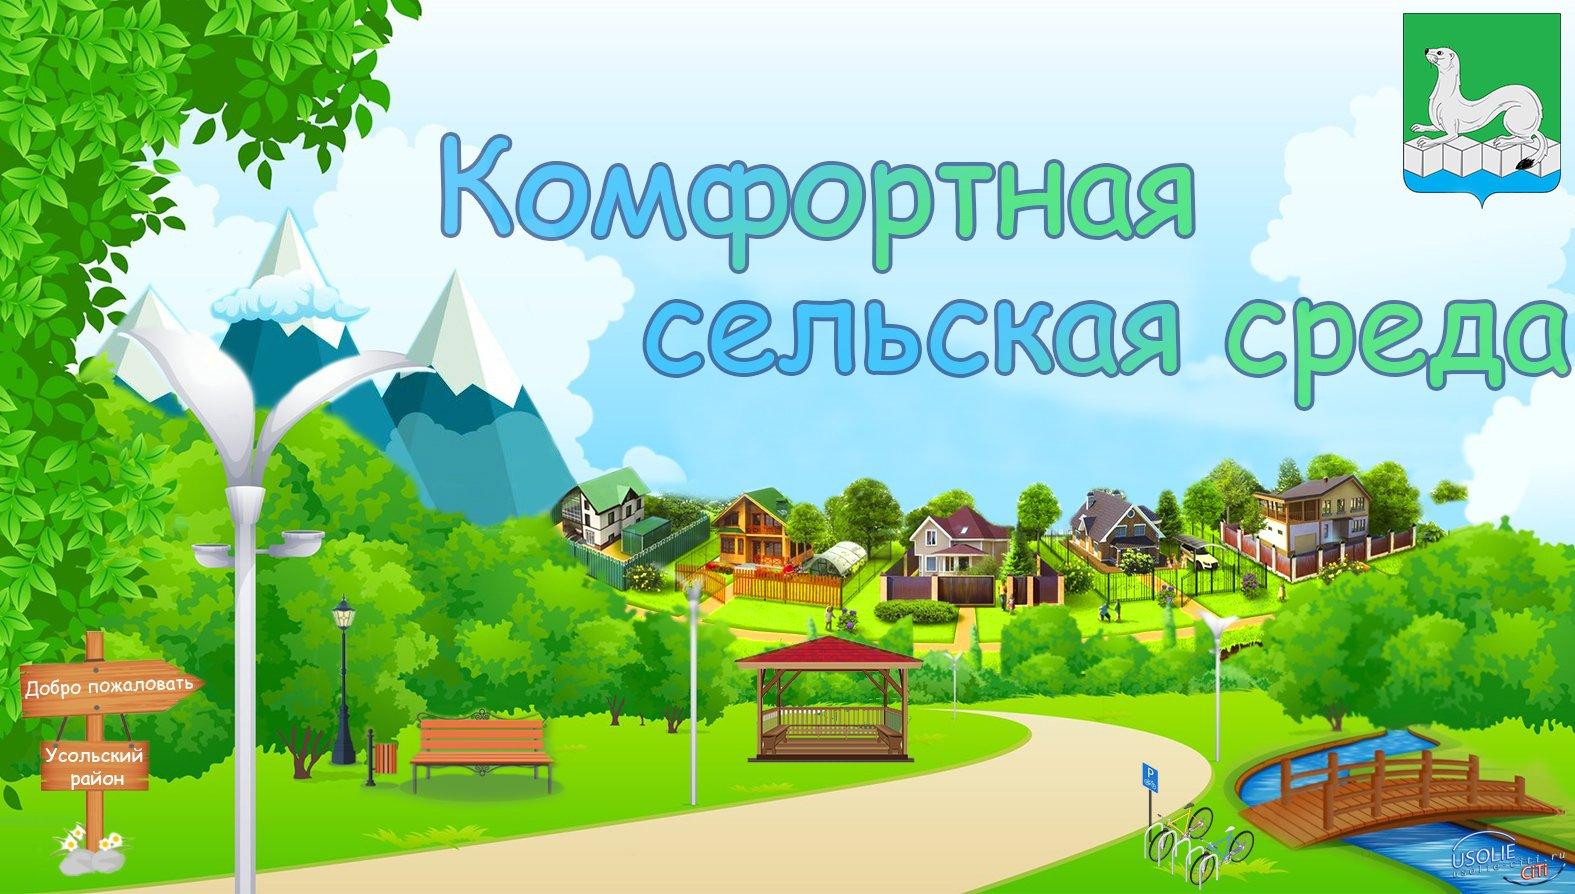 Началась реализация проекта «Комфортная сельская среда» в Усольском районе